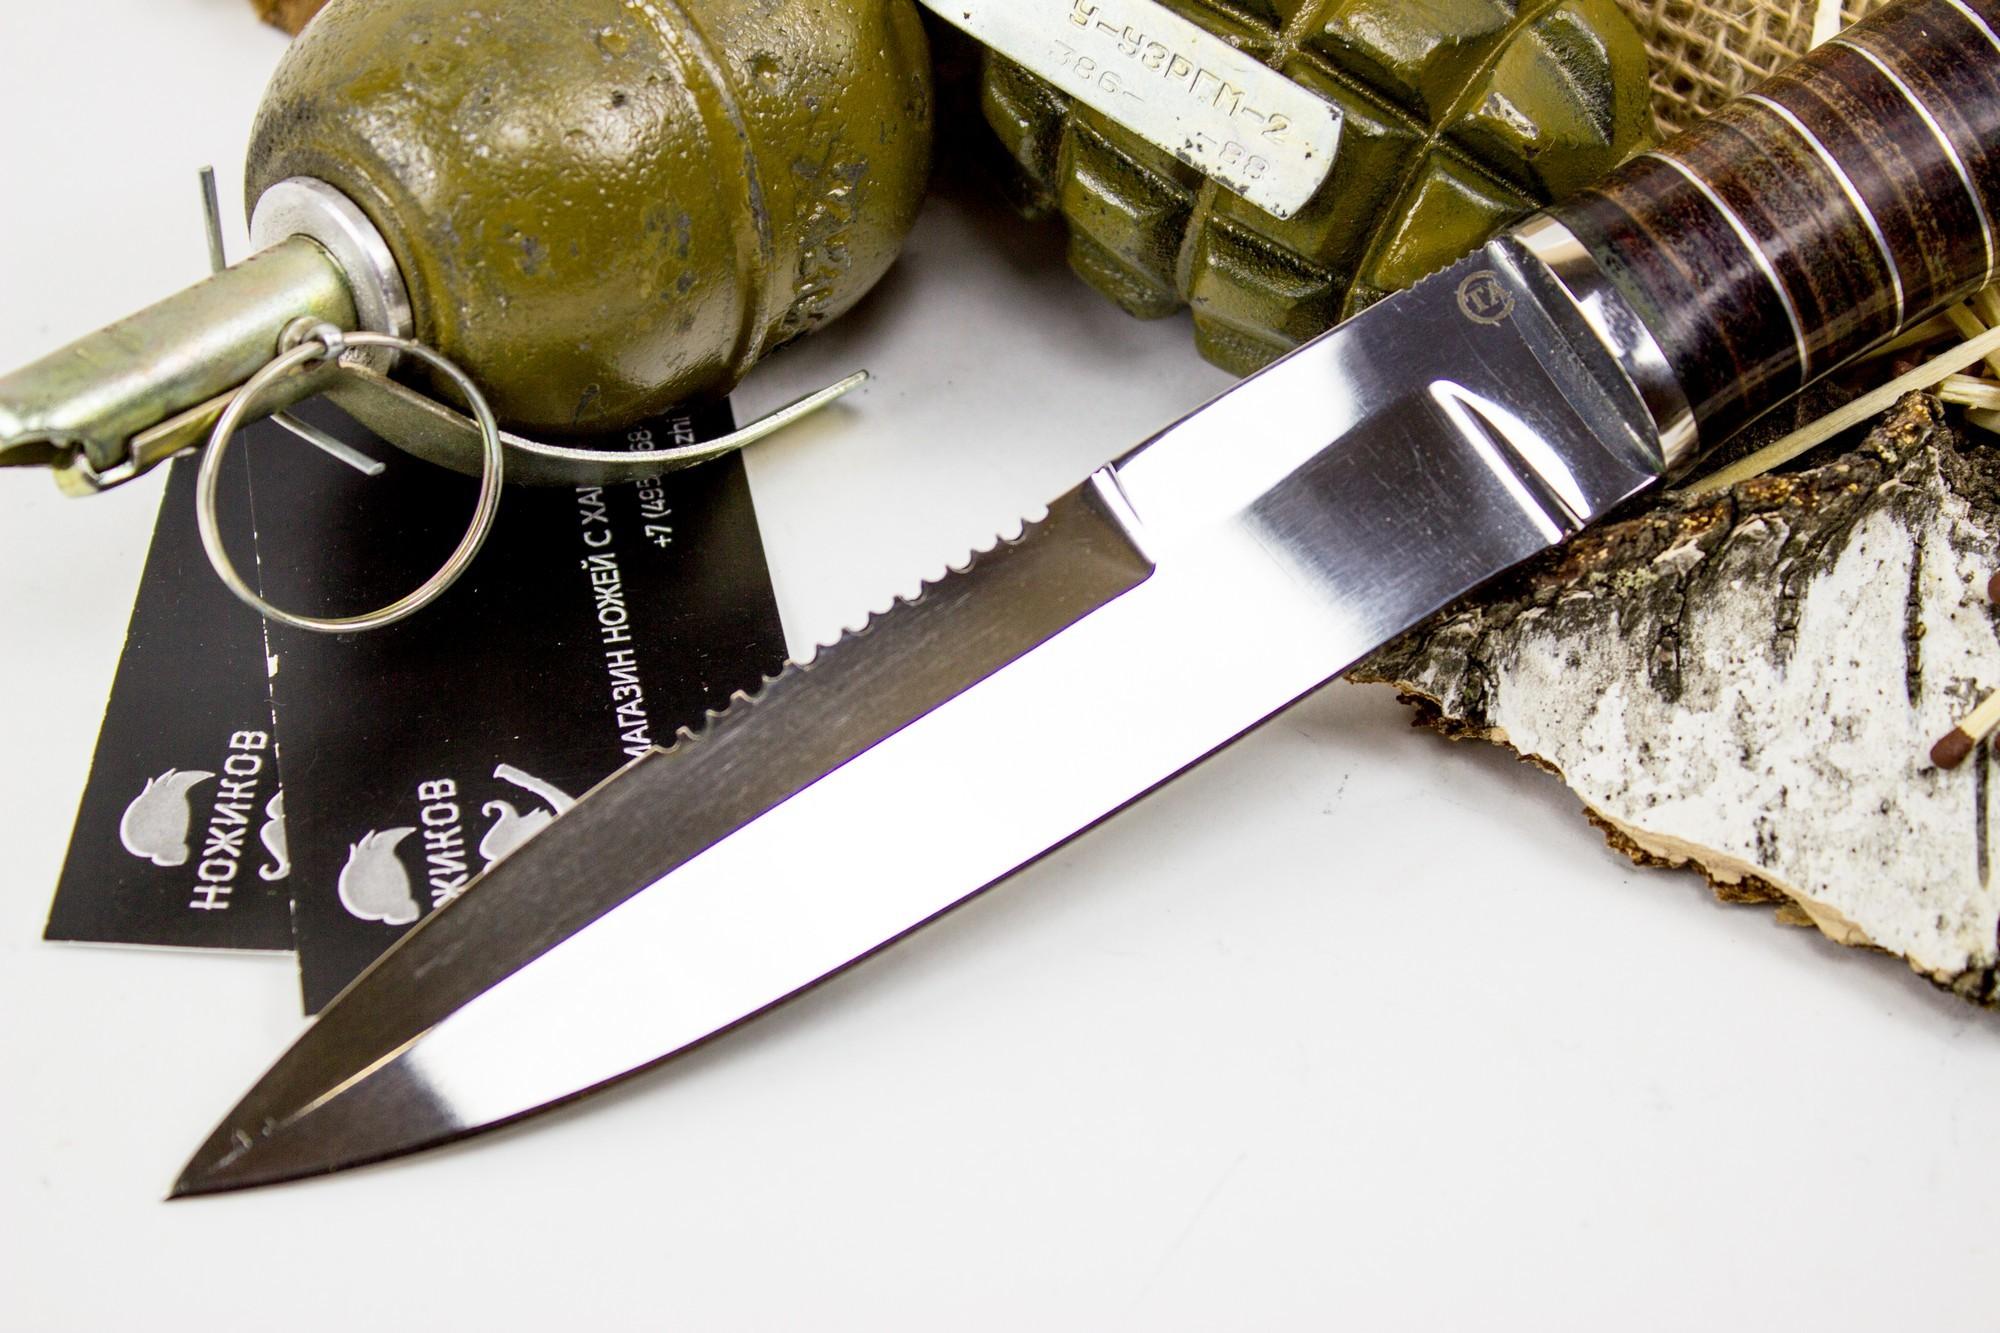 Фото 7 - Нож Пограничник, сталь 95х18, кожа от Титов и Солдатова